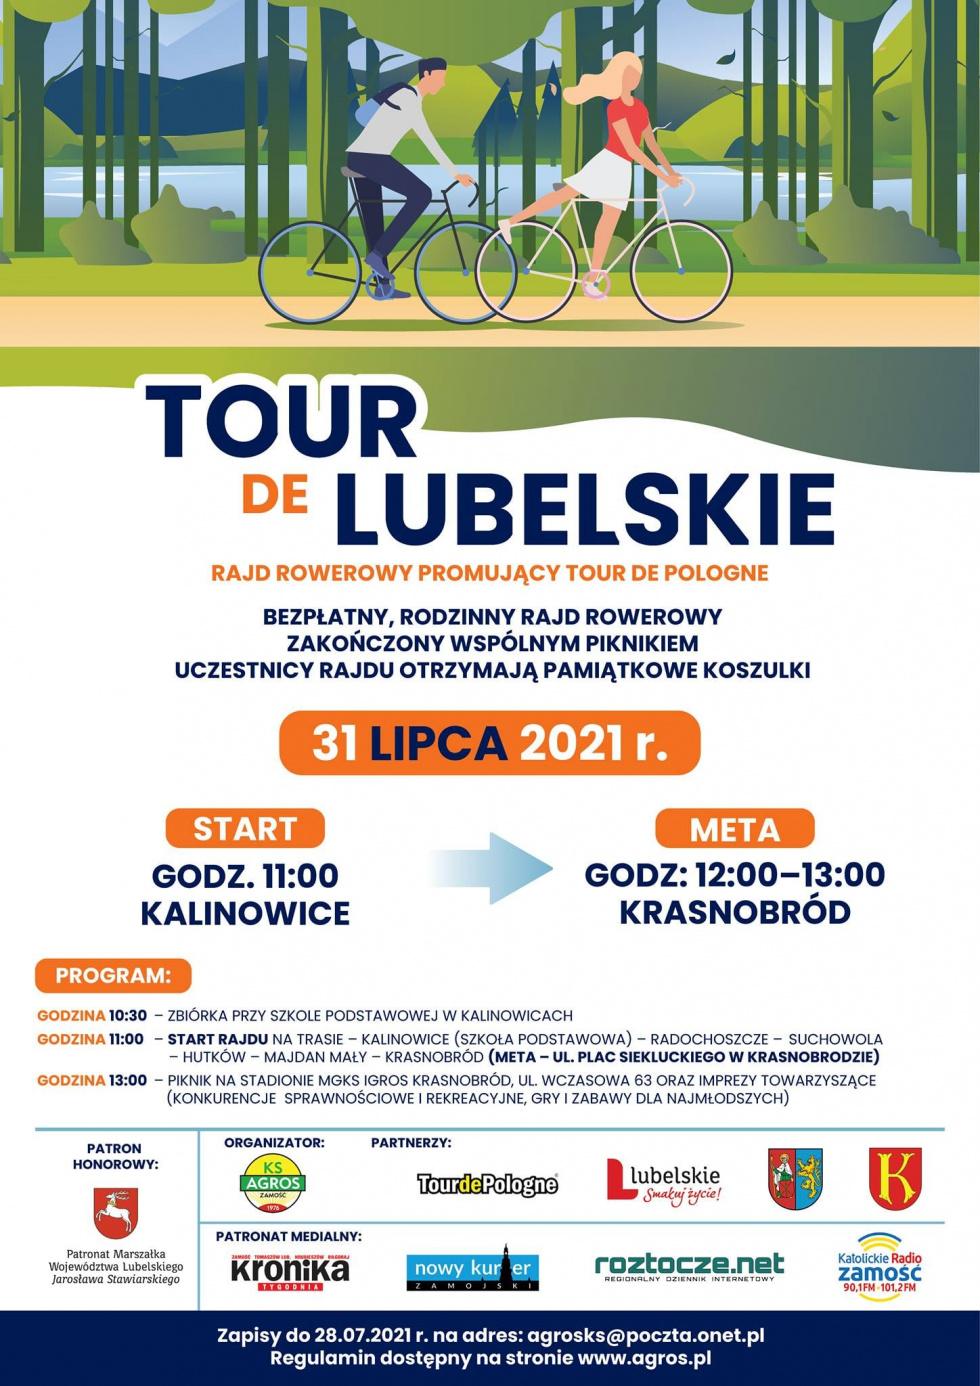 Wystartuj w rajdzie Tour de Lubelskie